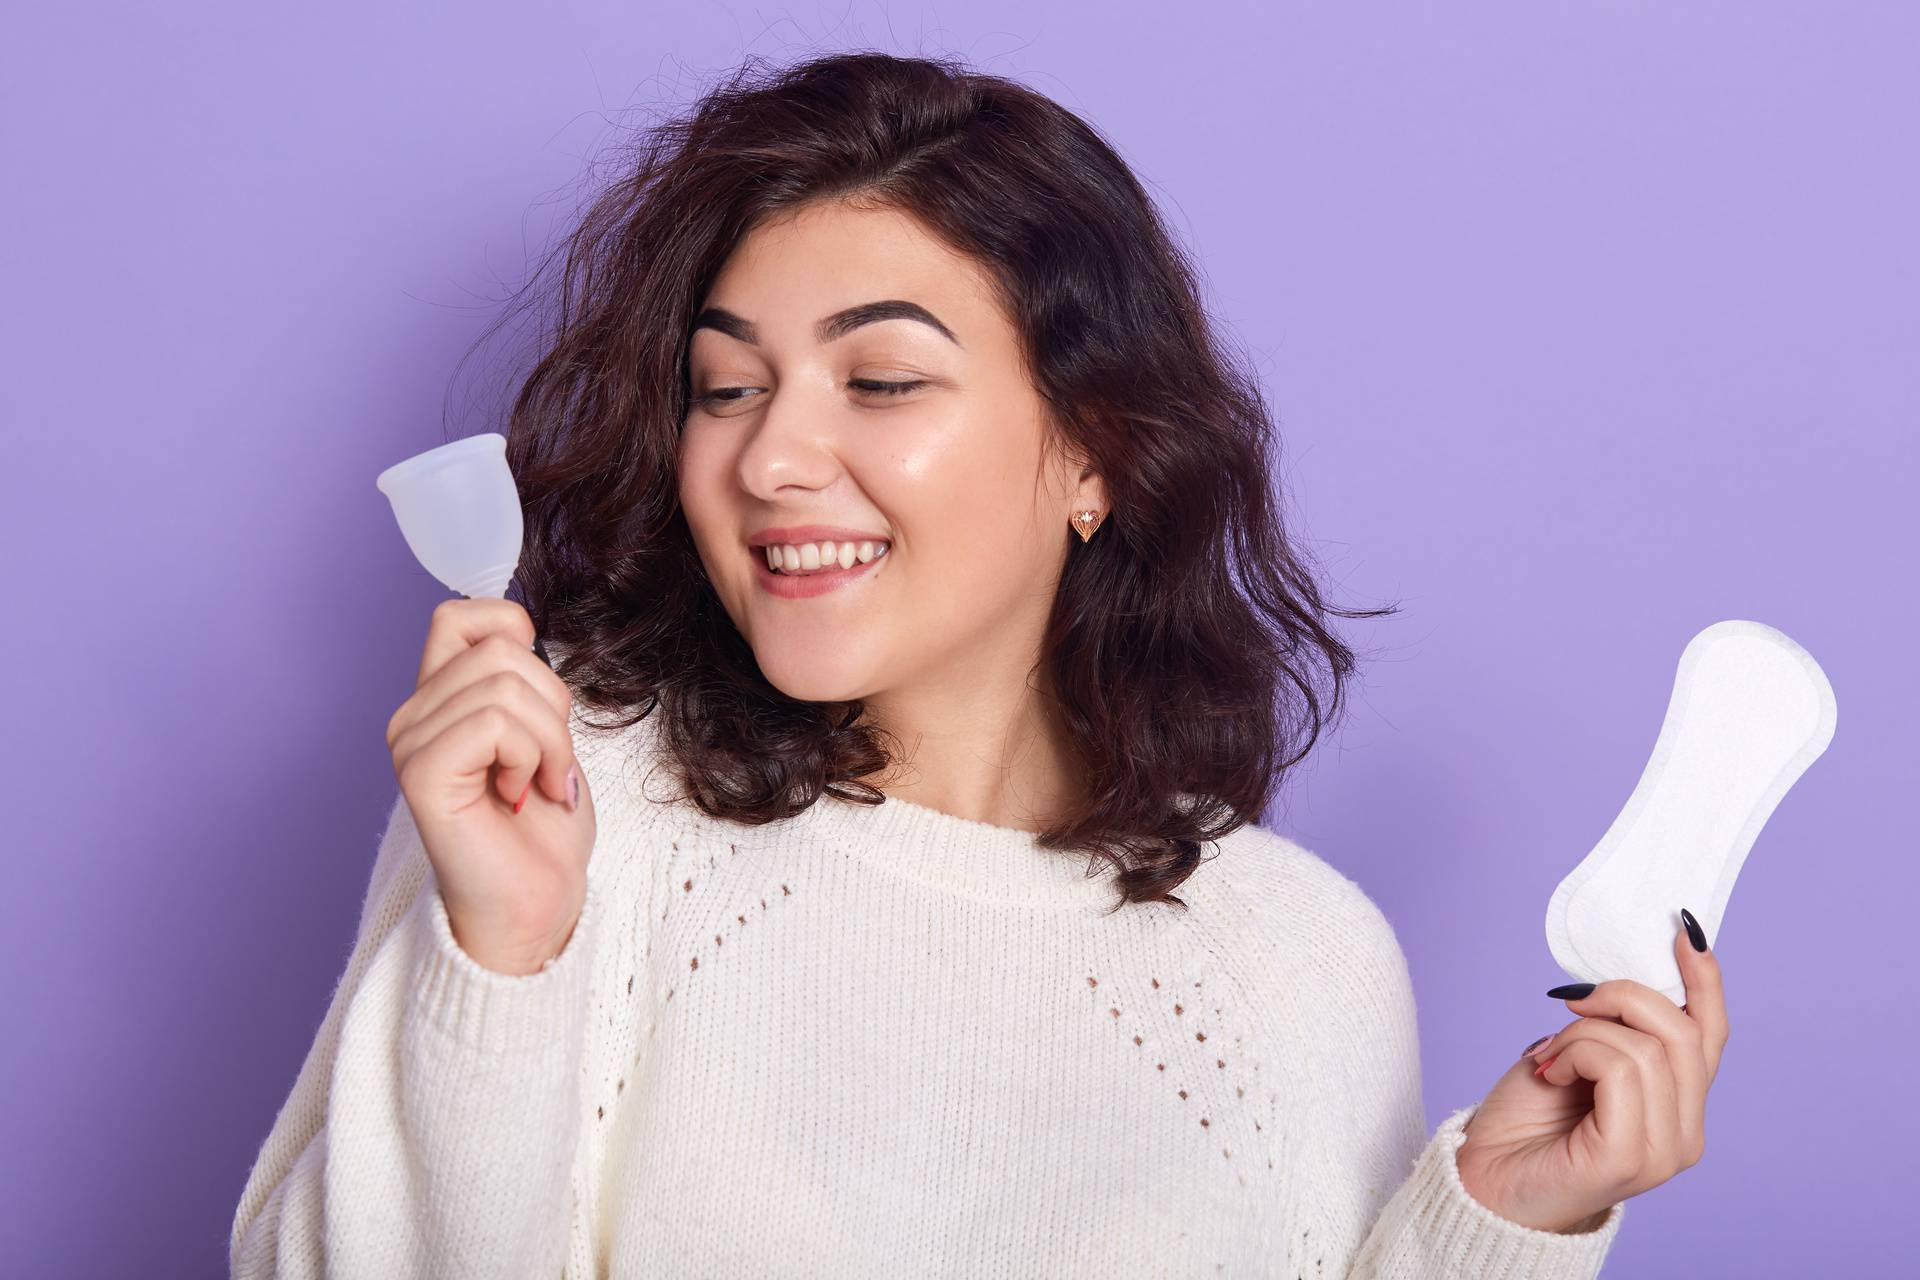 Želite li koristiti menstrualnu čašicu, neke stvari morate znati